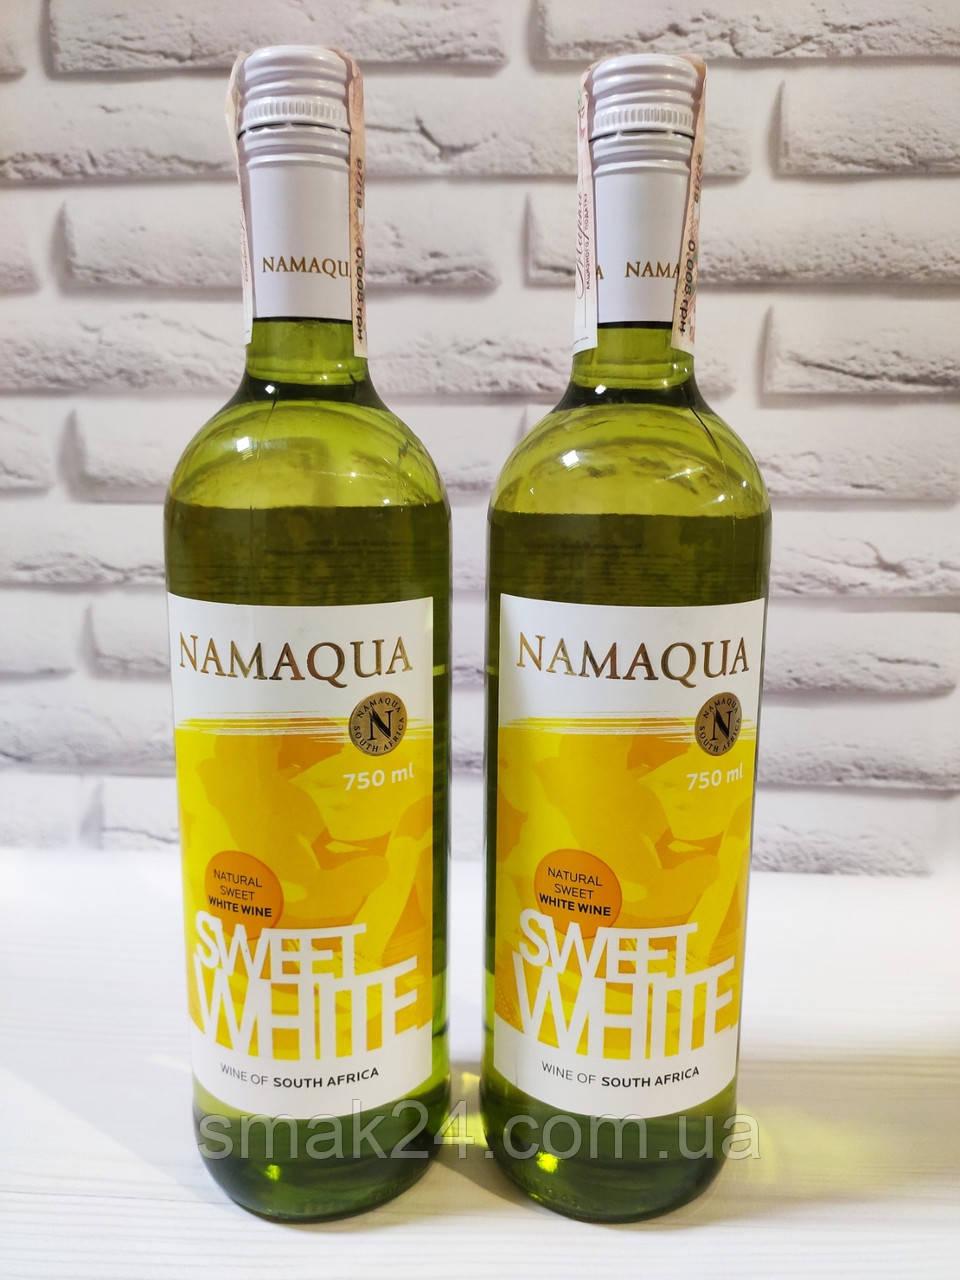 Вино NAMAQUA sweet white виноградное белое полусладкое 8.5% ЮАР